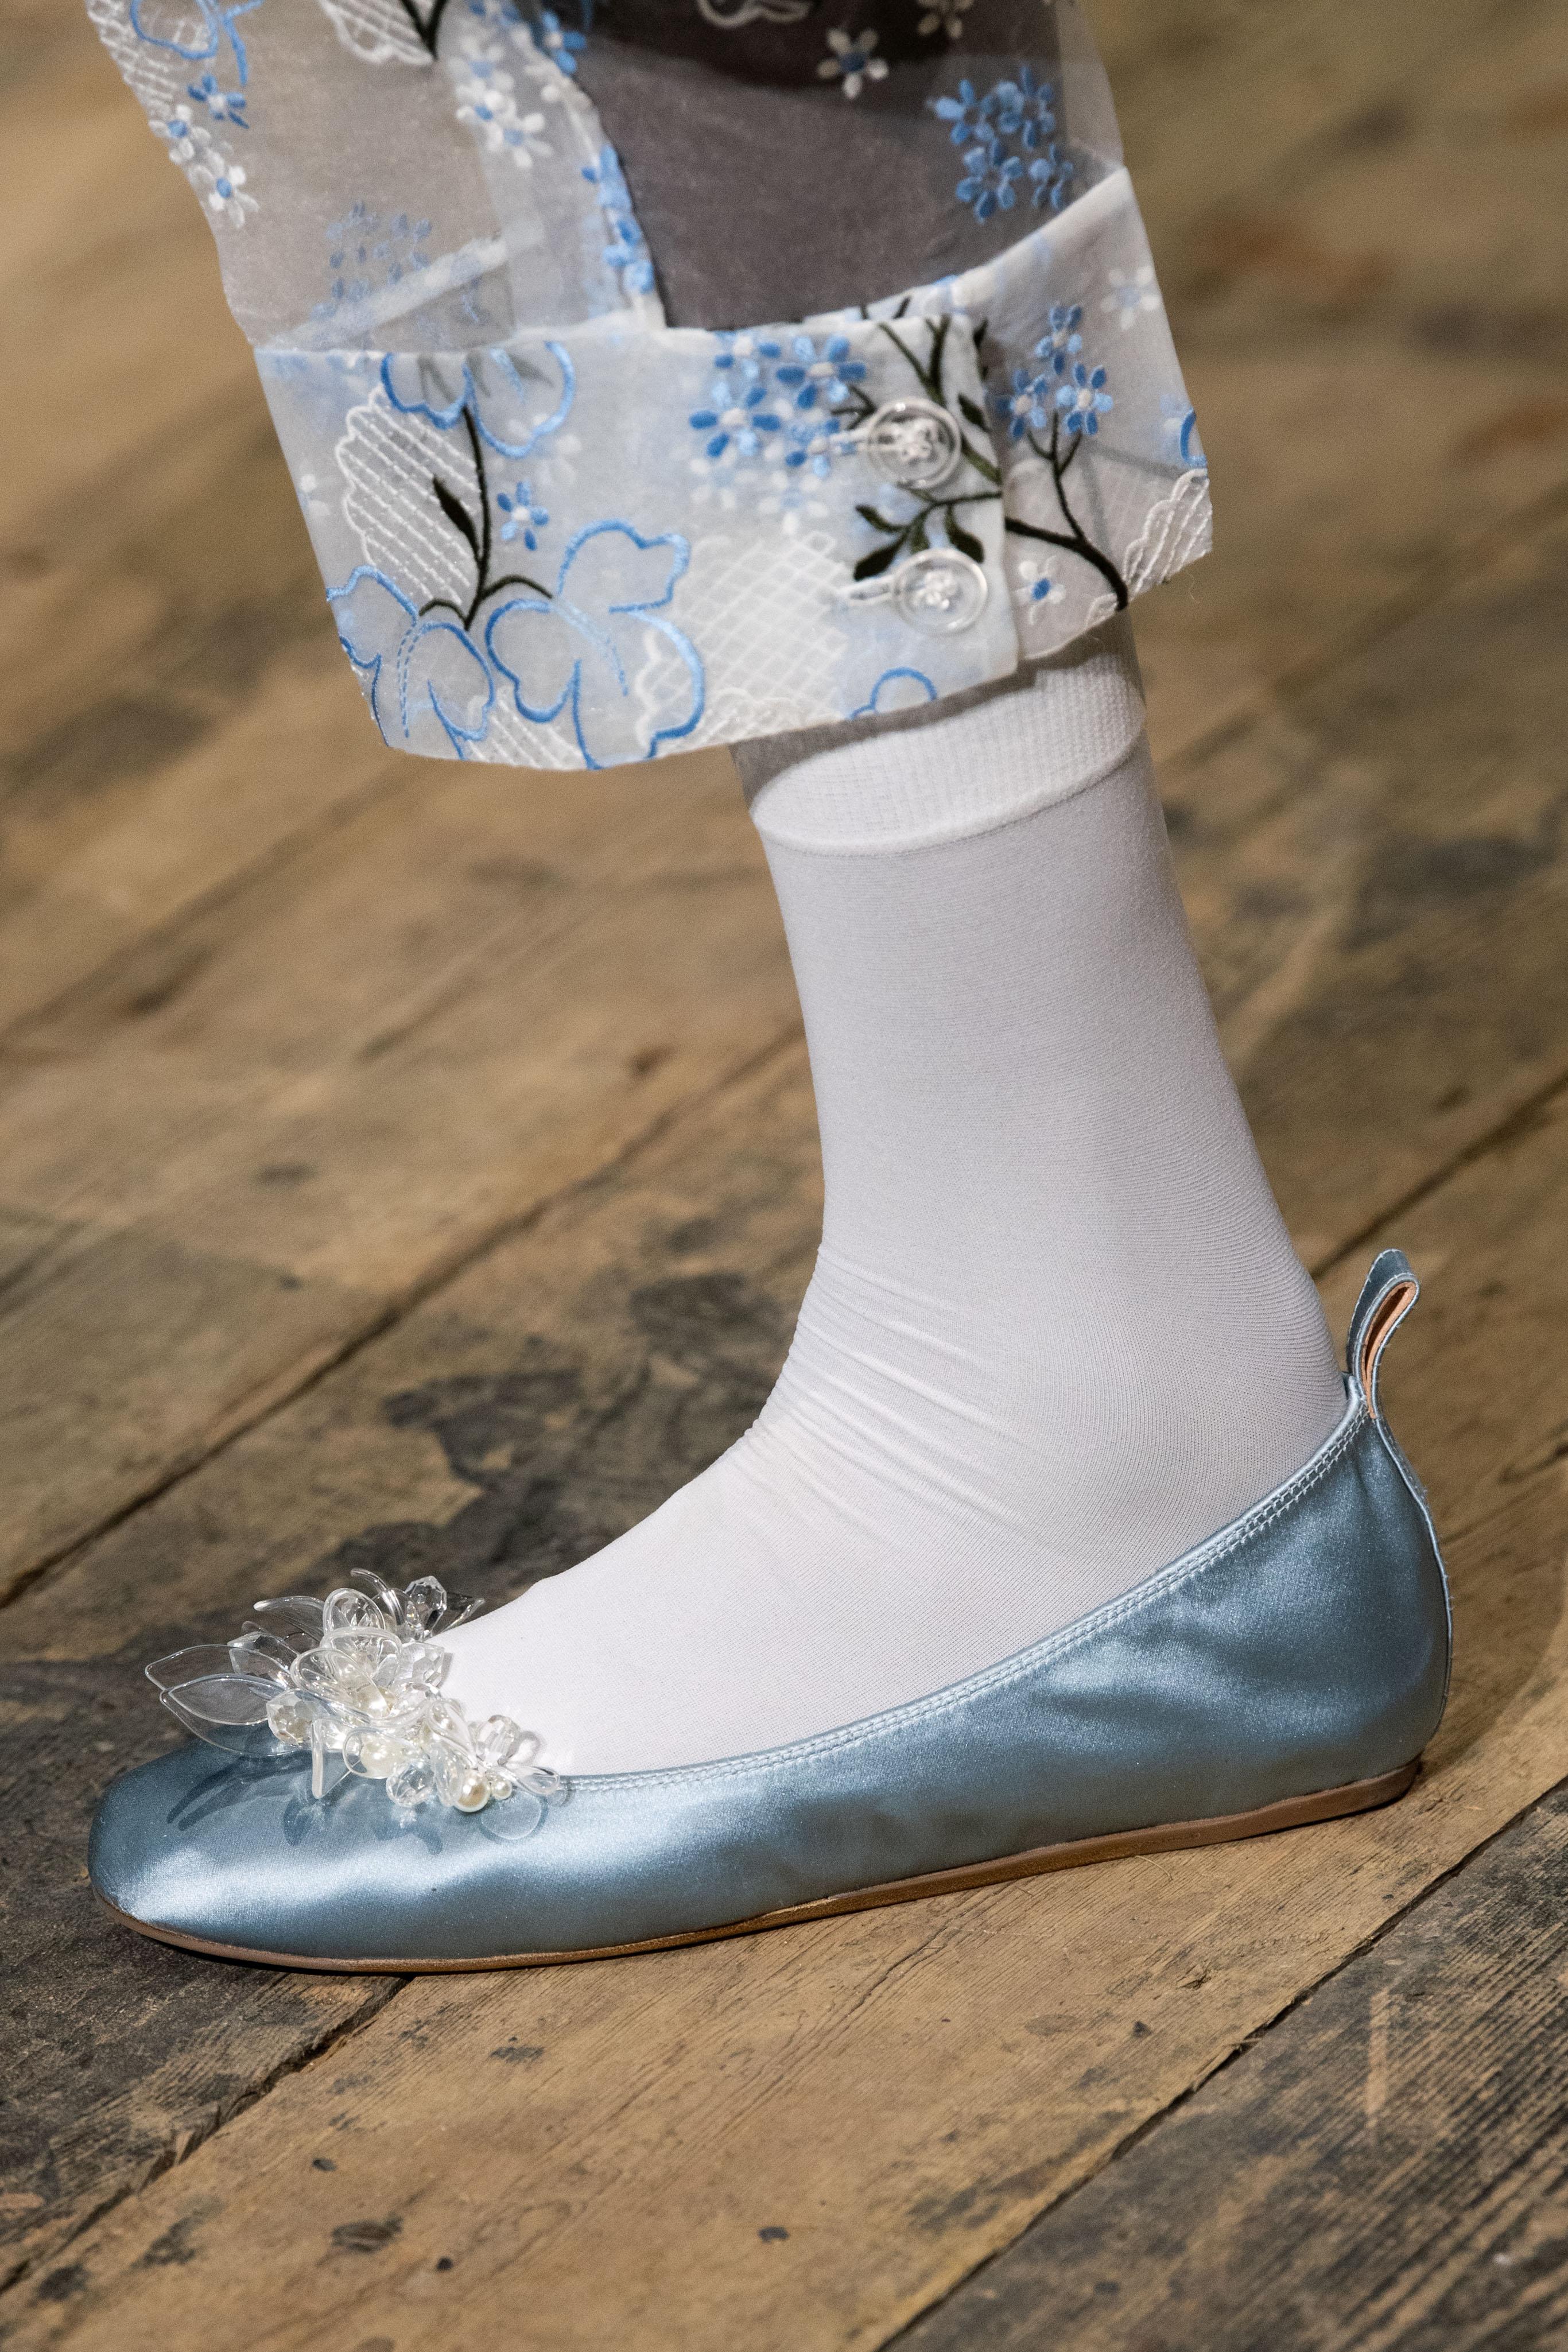 Giày búp bê và những cách phối đồ thanh lịch